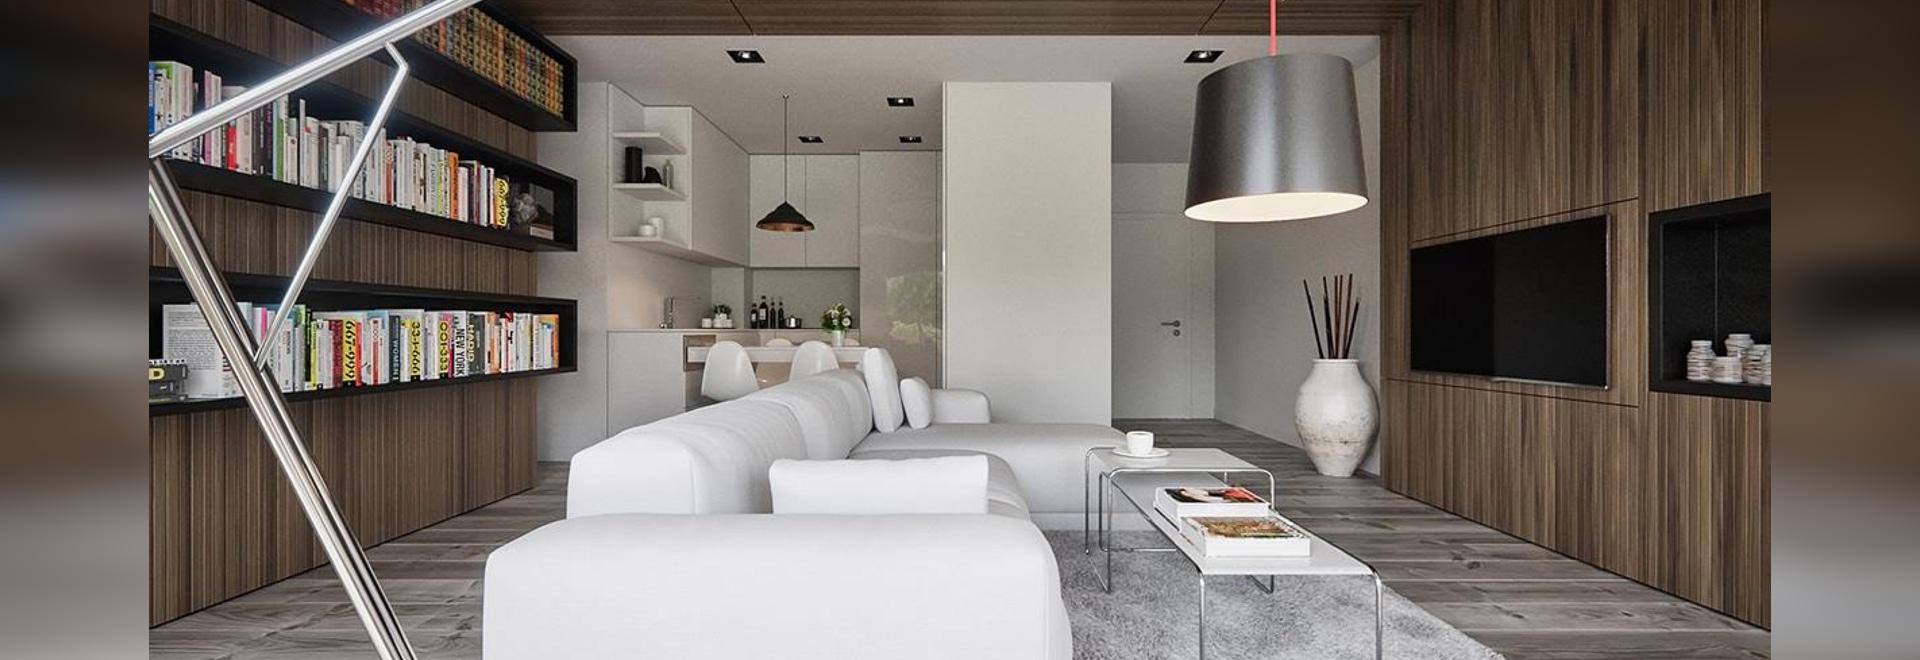 Great 5 Wohnzimmer Mit Unterzeichnung Beleuchtung Arten